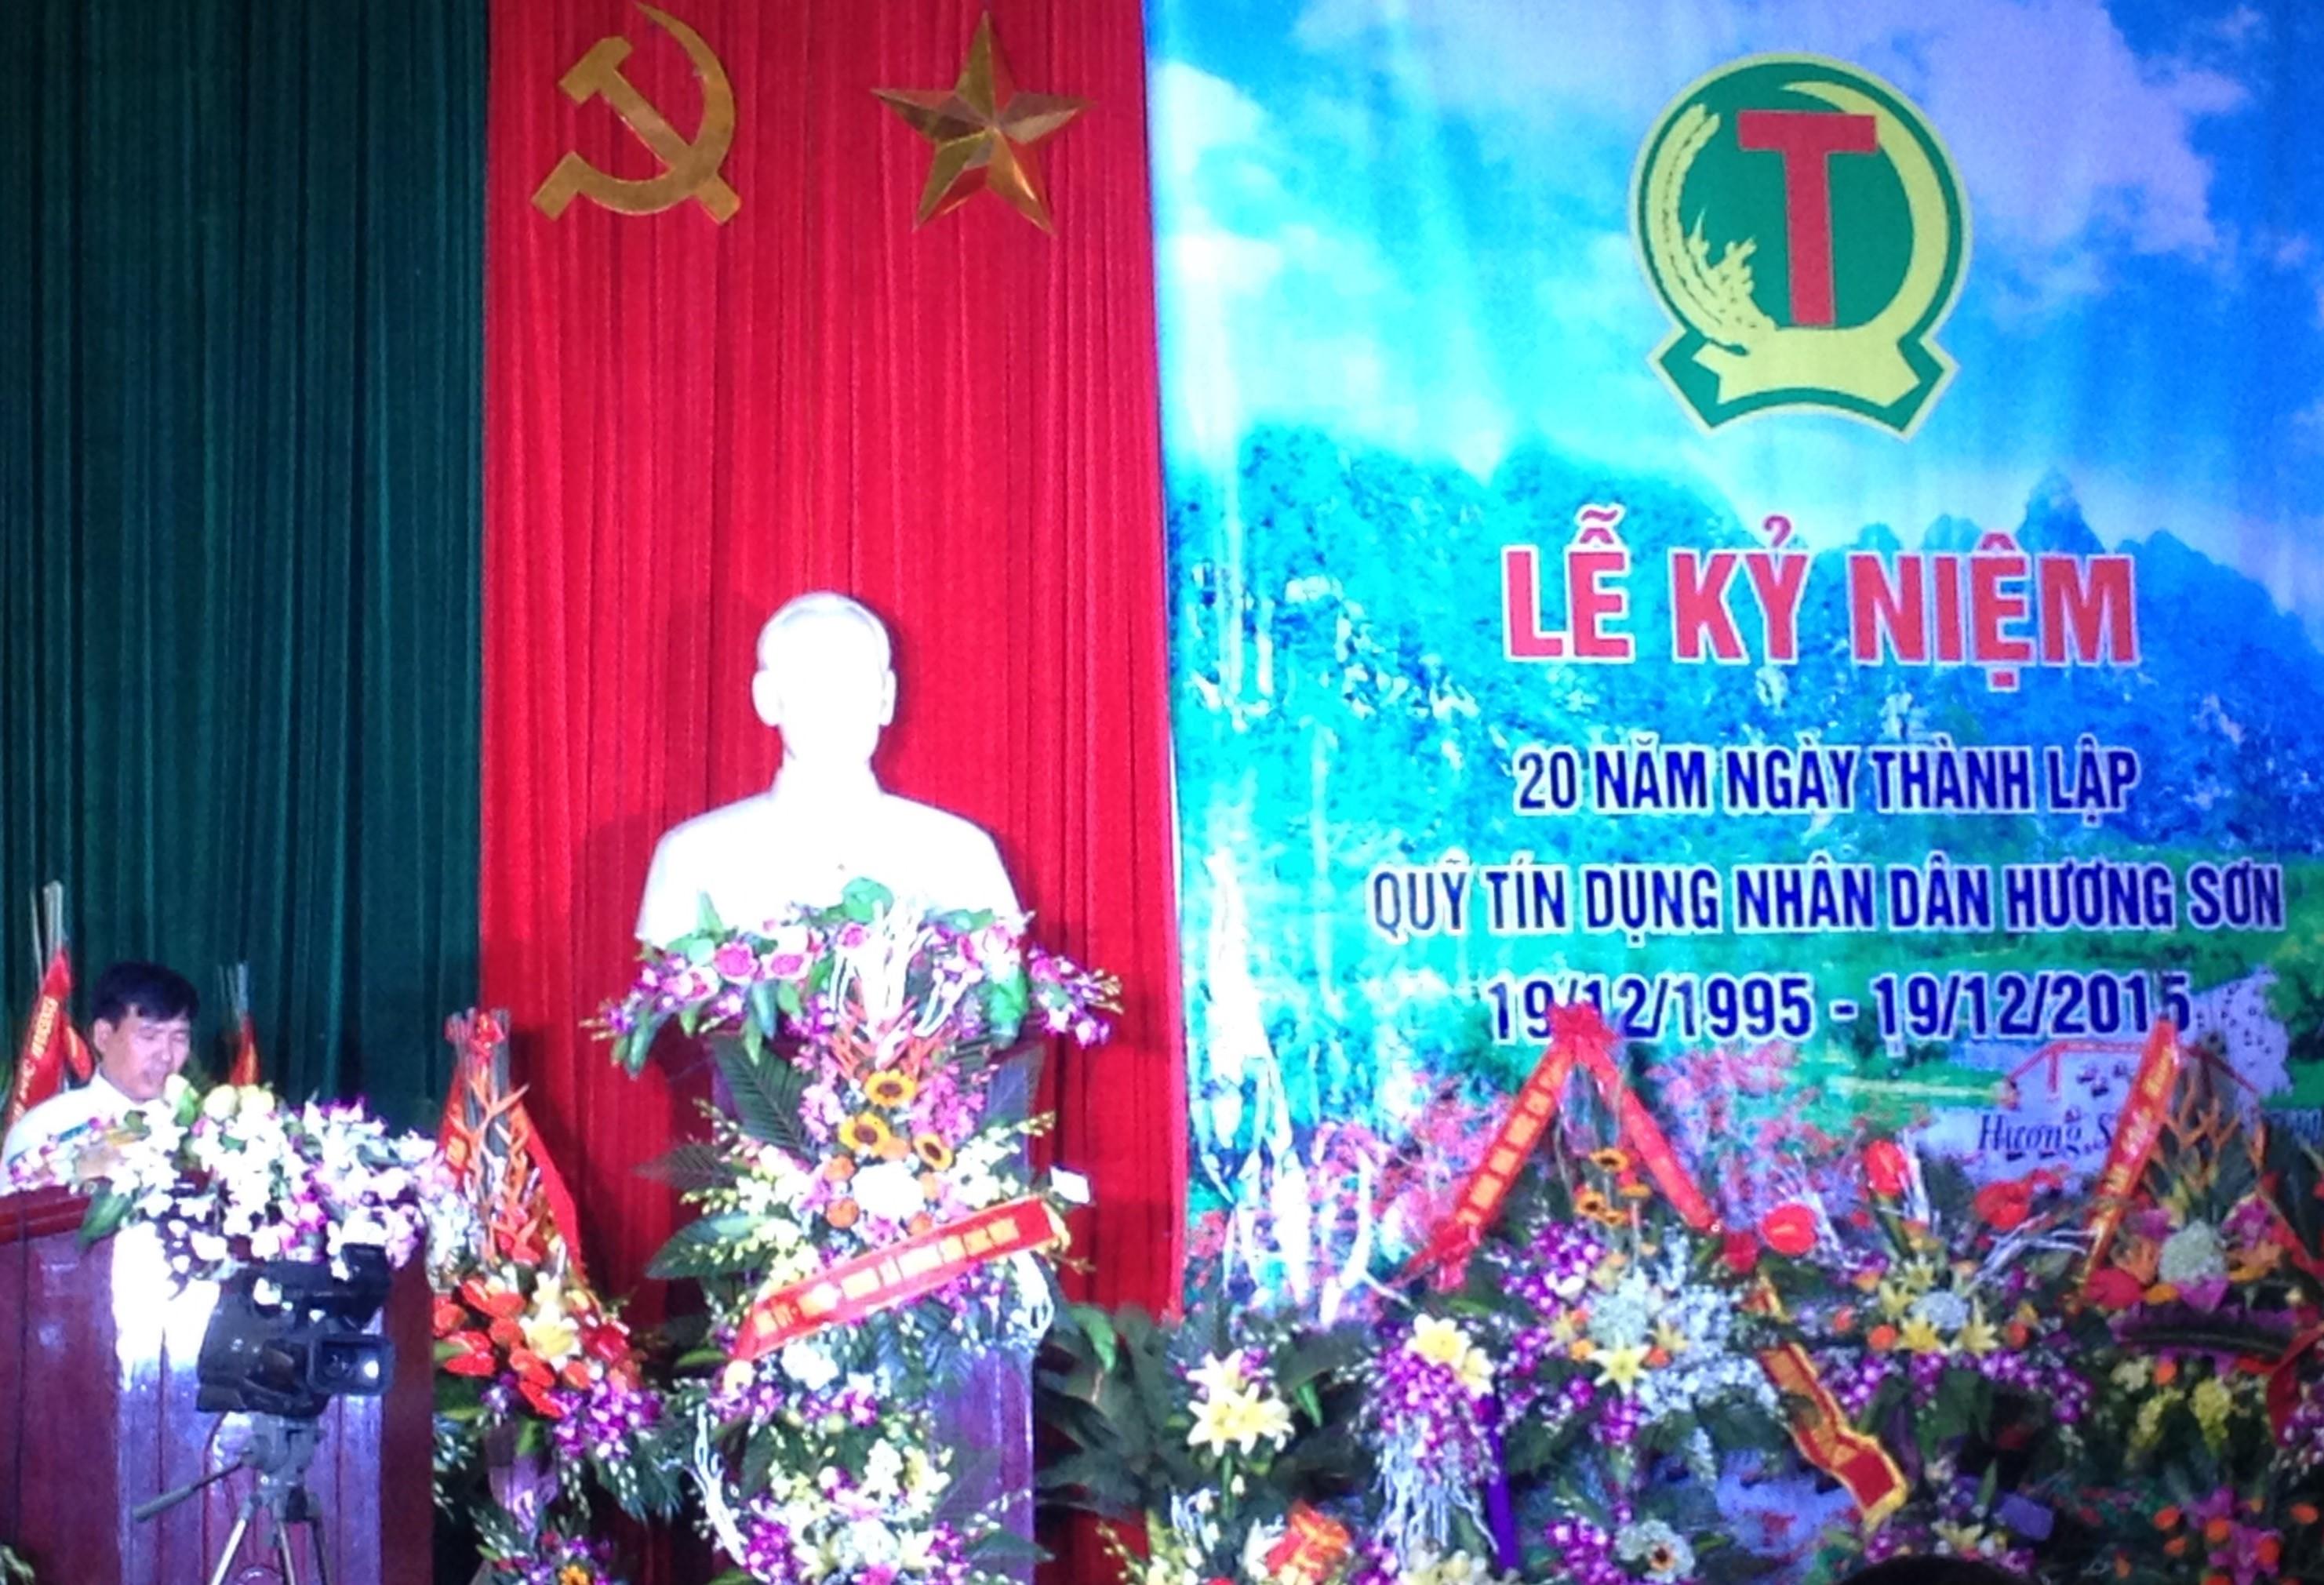 Đồng chí Phạm Văn Mạnh – ĐUV, Chủ tịch HĐQT quỹ TDND Hương Sơn đọc diễn văn khai mạc lễ kỷ niệm